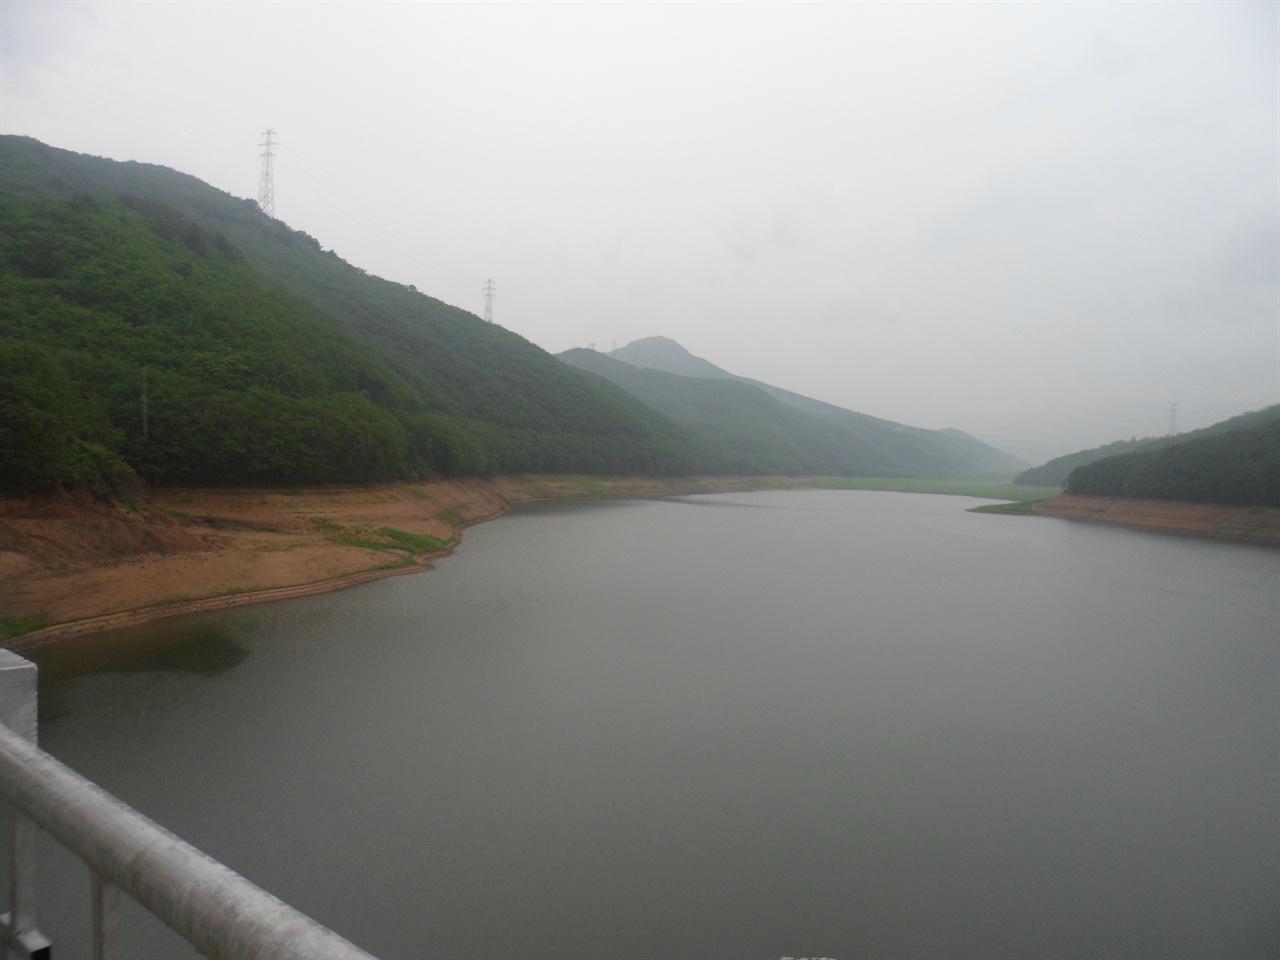 봉오동 전투 현장으로 알려진 '봉오골 저수지'. 그러나 실제 전투는 이곳에서 10km 이상 떨어진 곳에서 벌어졌다는 주장이 있다.